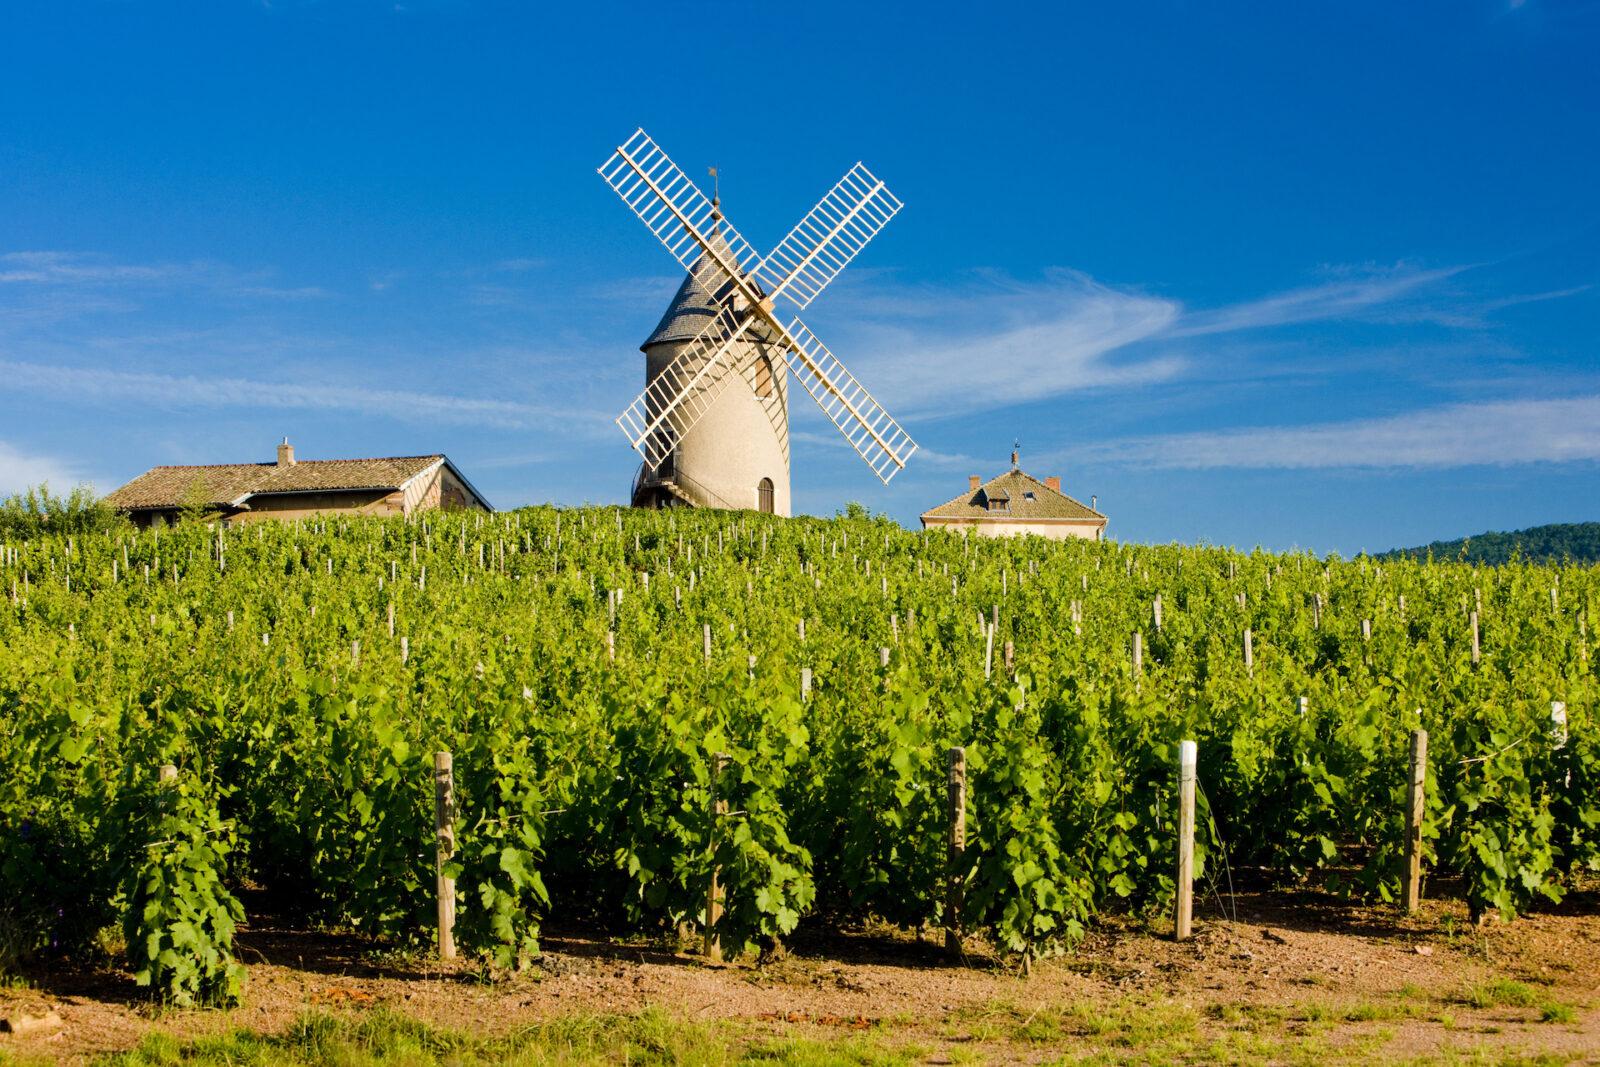 le beaujolais - Visiter le Beaujolais : les plus beaux villages et les meilleures activités - 2021 - 1